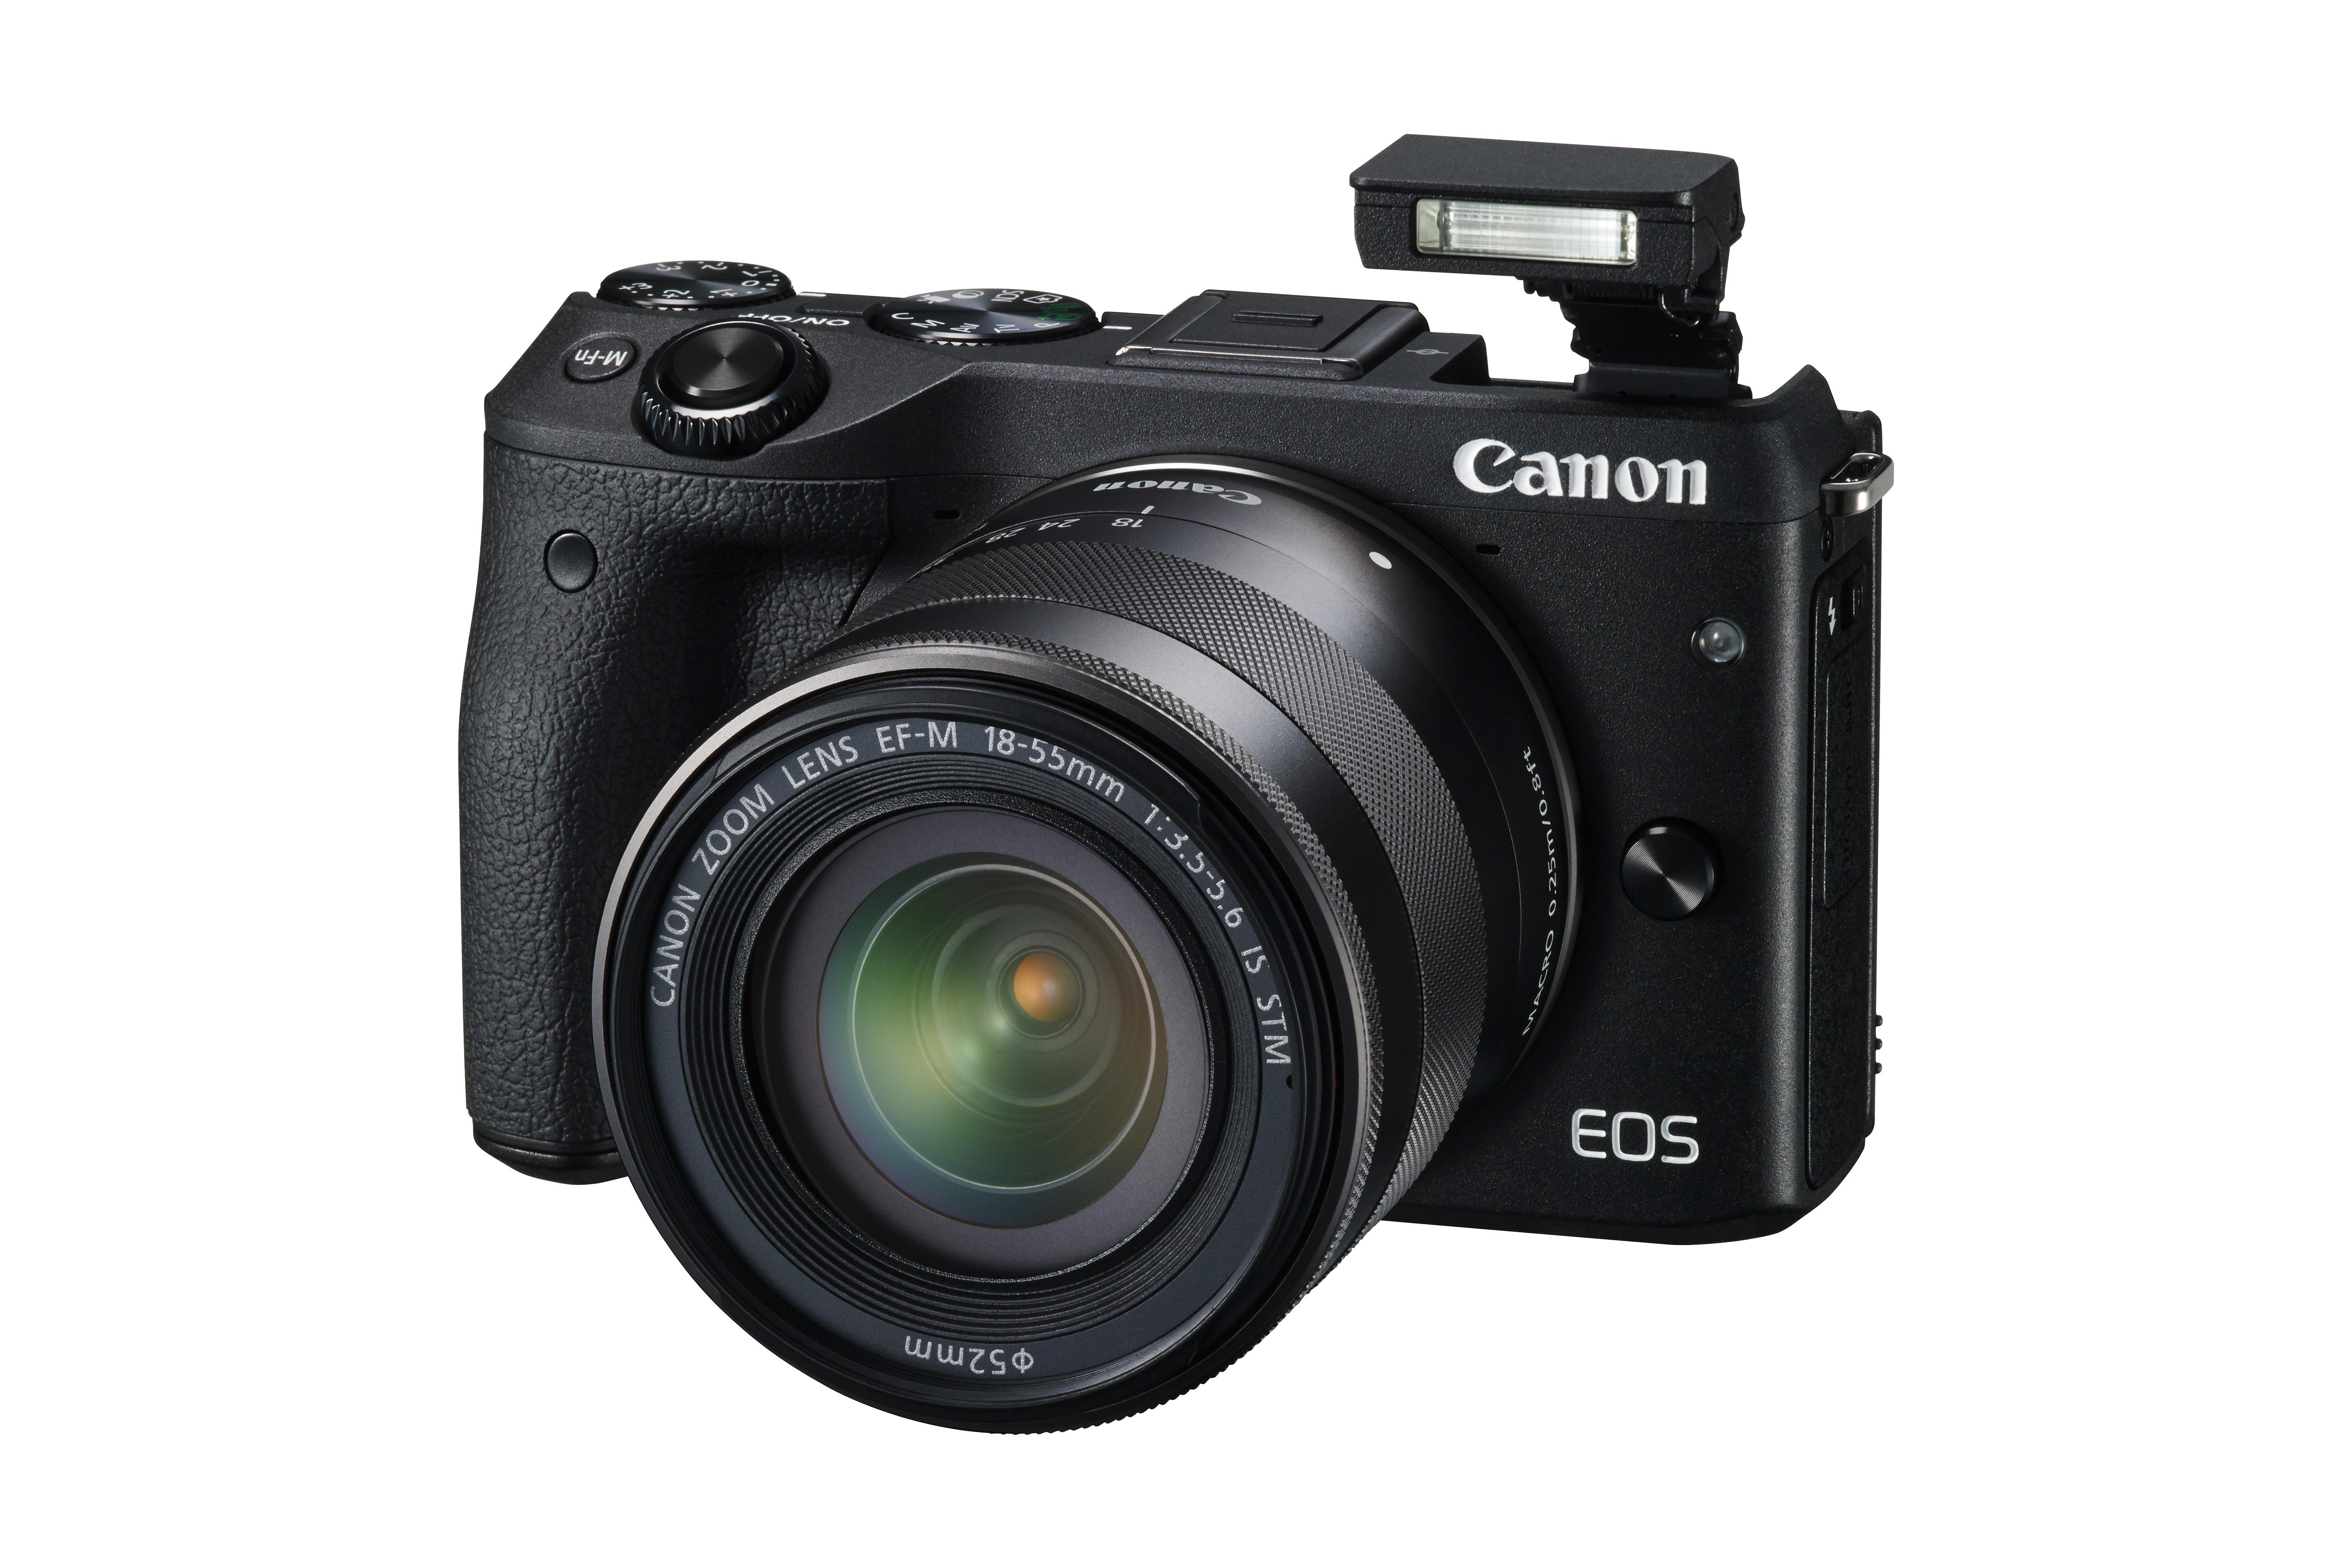 177daef21ac ... võimaldades iga nurga alt pildistada ning kasutada mitmikpuutega  juhtimist. Ekraan annab juurdepääsu ka Canoni intuitiivsele EOS-i ...